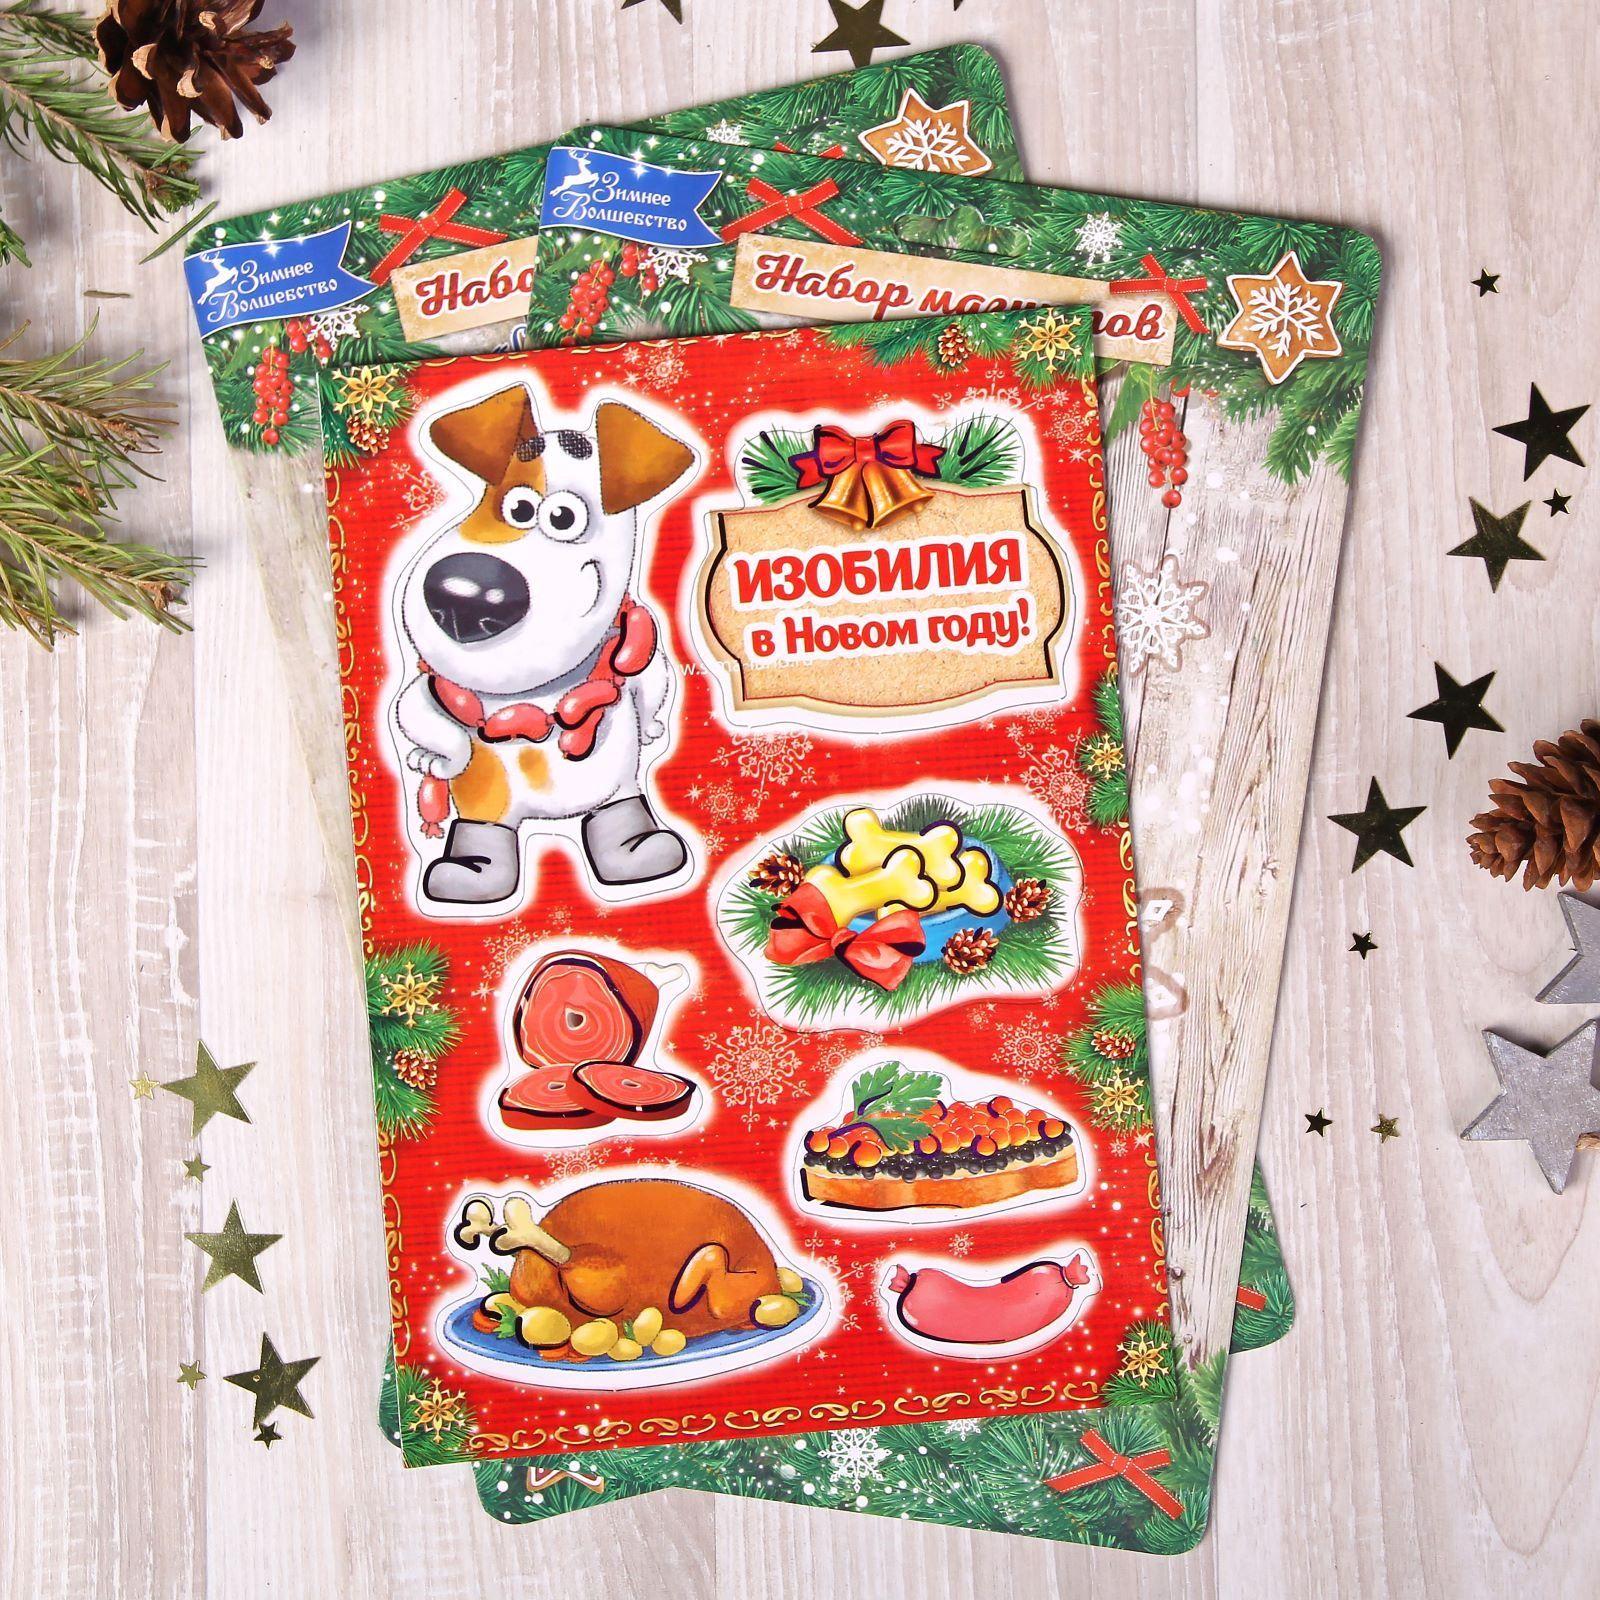 Набор магнитов Sima-land Изобилия в Новом году, 14,8 х 21 см2196148Порадуйте родных и близких оригинальным сувениром: преподнесите в подарок магнит. С ним даже самый серьёзный человек почувствует себя ребёнком, ожидающим чудо! Создайте праздничное настроение, и оно останется с вами на весь год.